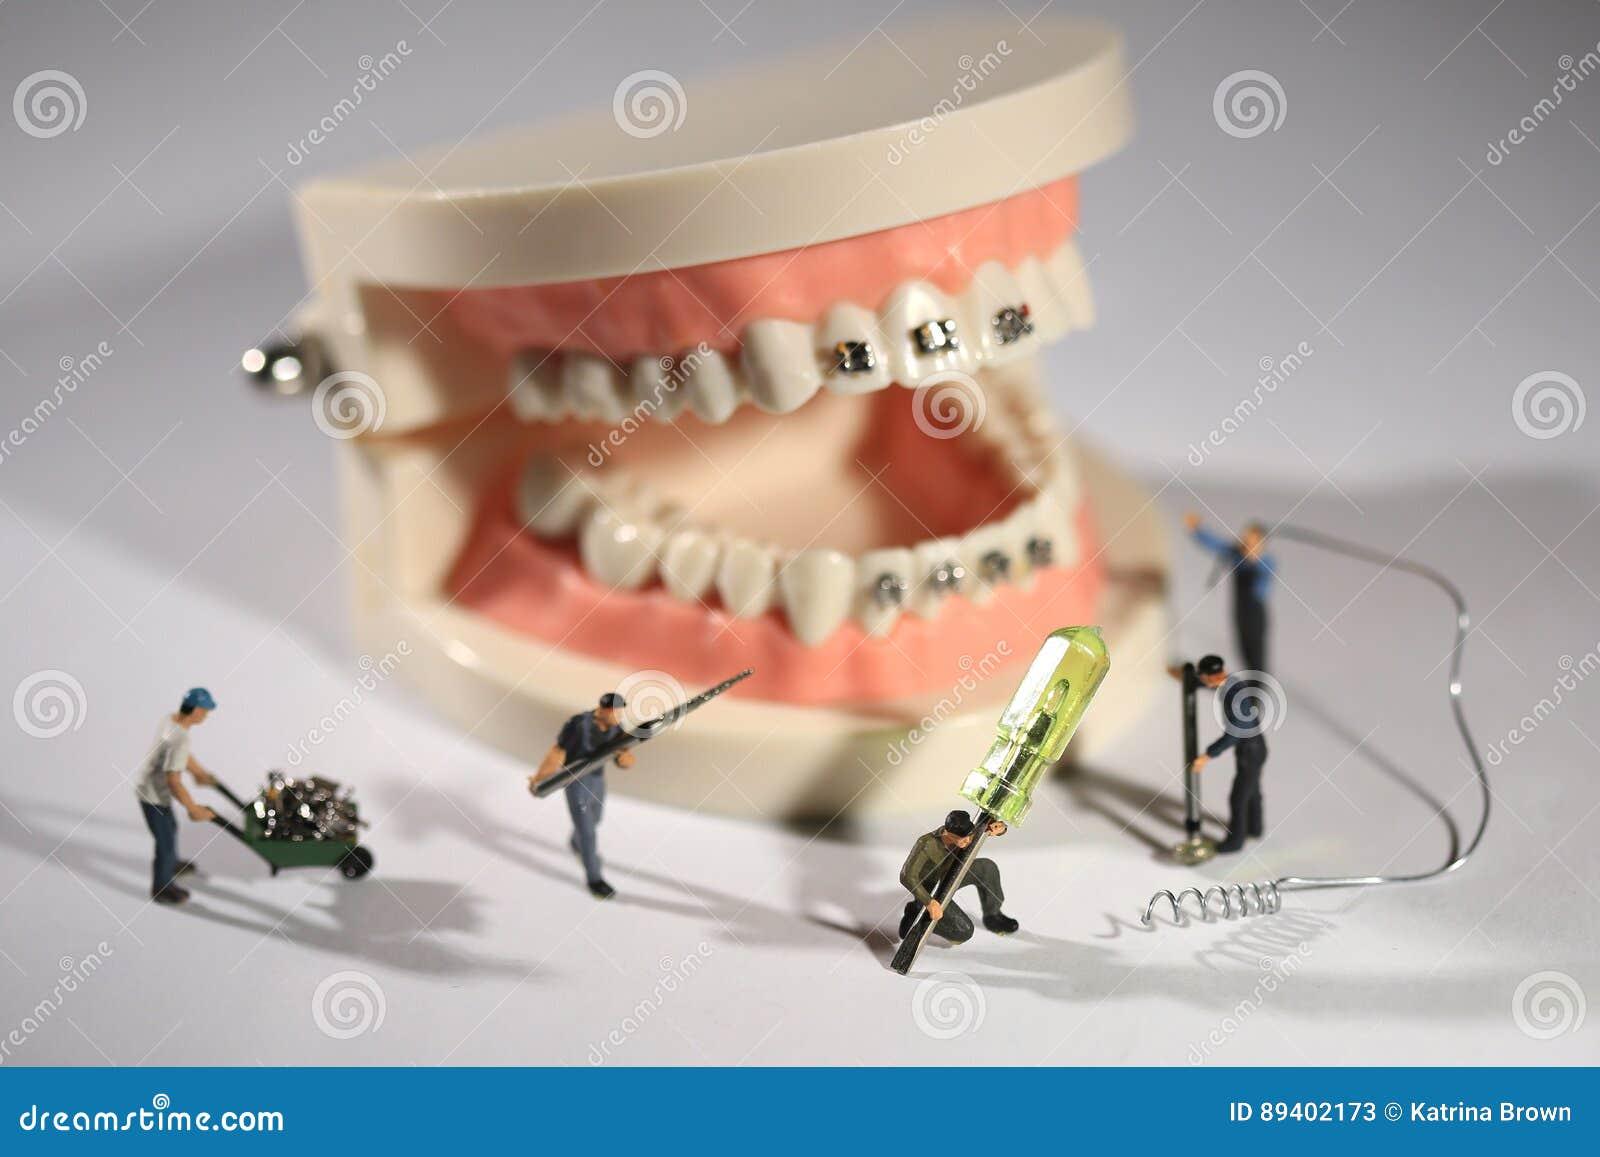 Miniaturarbeitskräfte, die zahnmedizinische Verfahren durchführen Zahnmedizinisches Büro AR